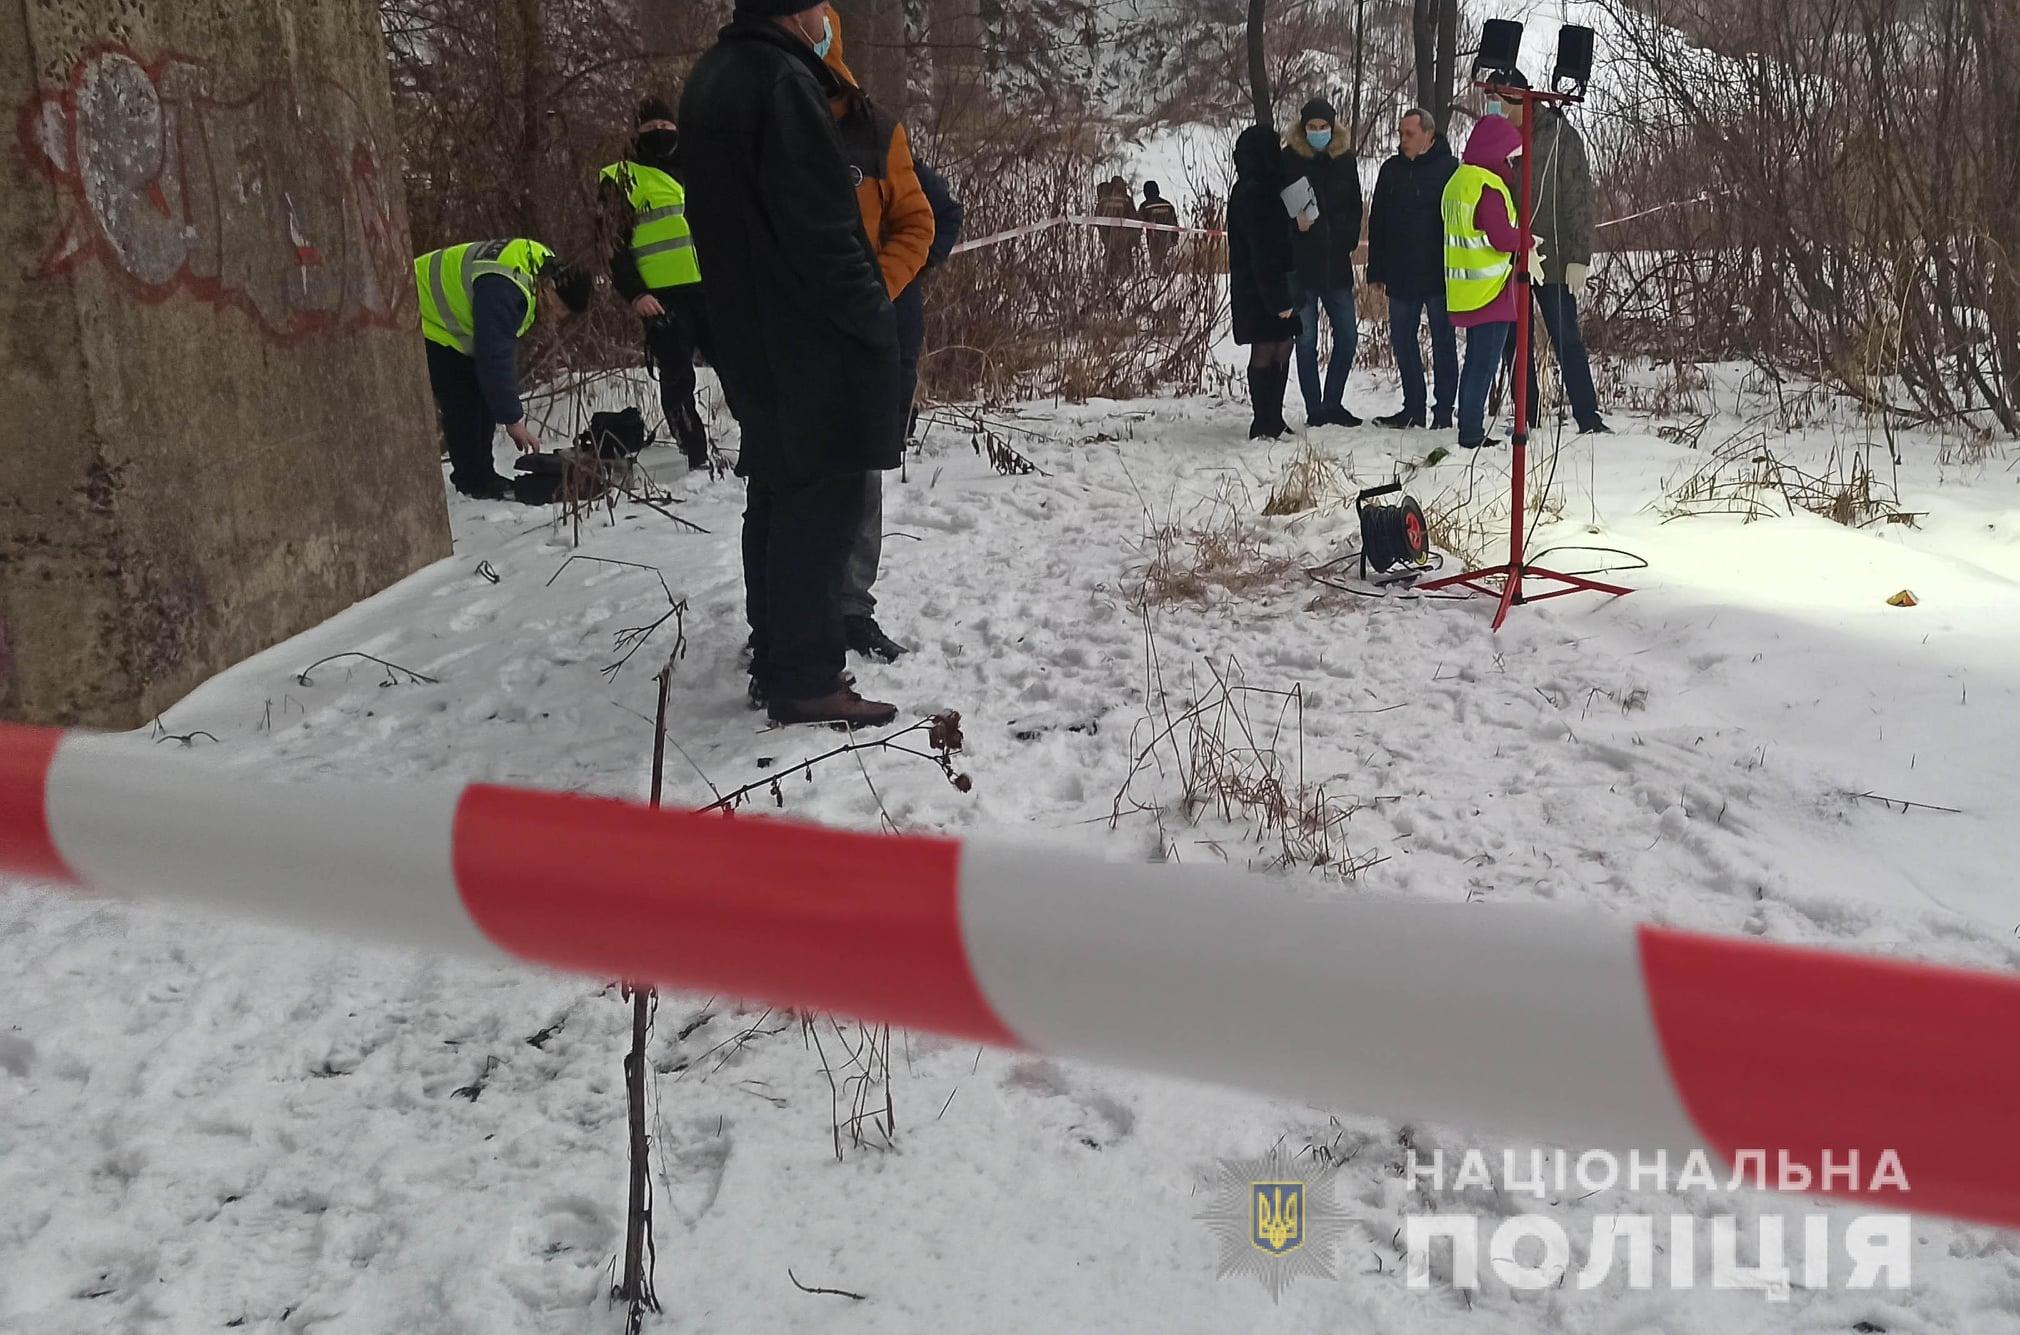 В Харькове под мостом нашли тело 15-летнего школьника: полиция ищет свидетелей